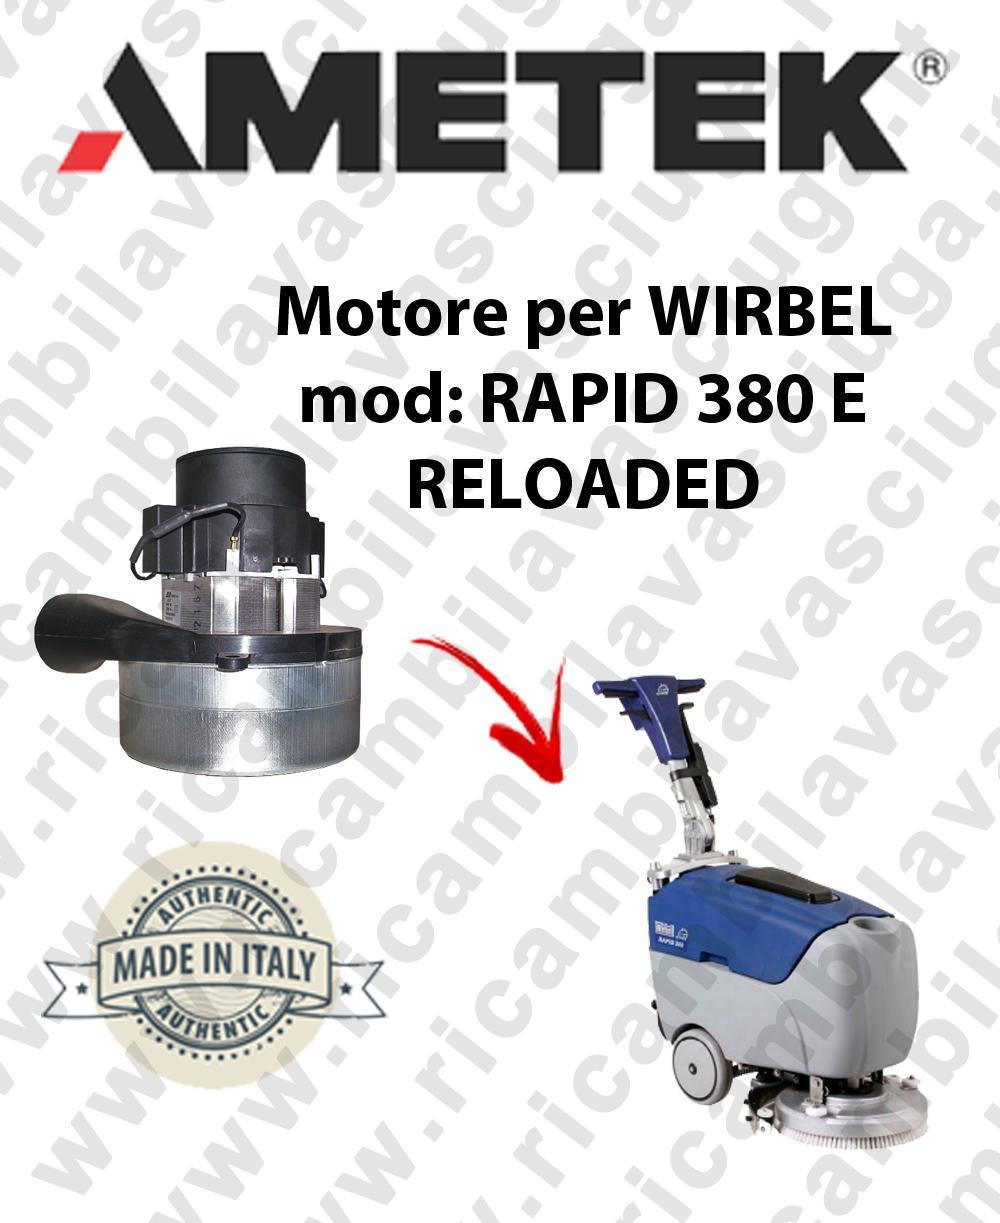 RAPID 380 y RELOADED Motore de aspiración AMETEK para fregadora WIRBEL